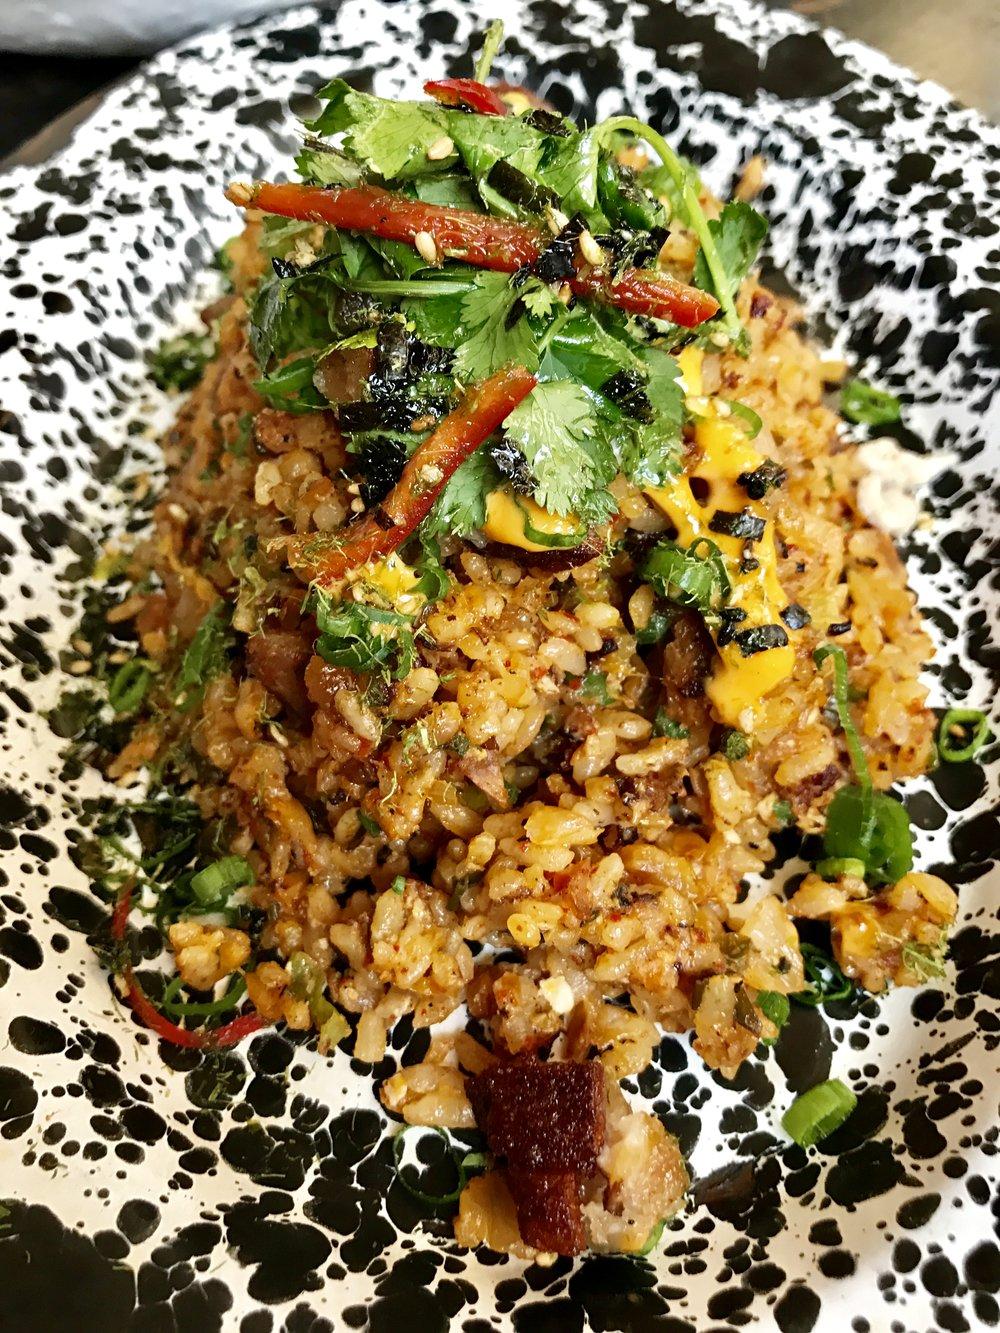 Pork fried rice copy.jpg